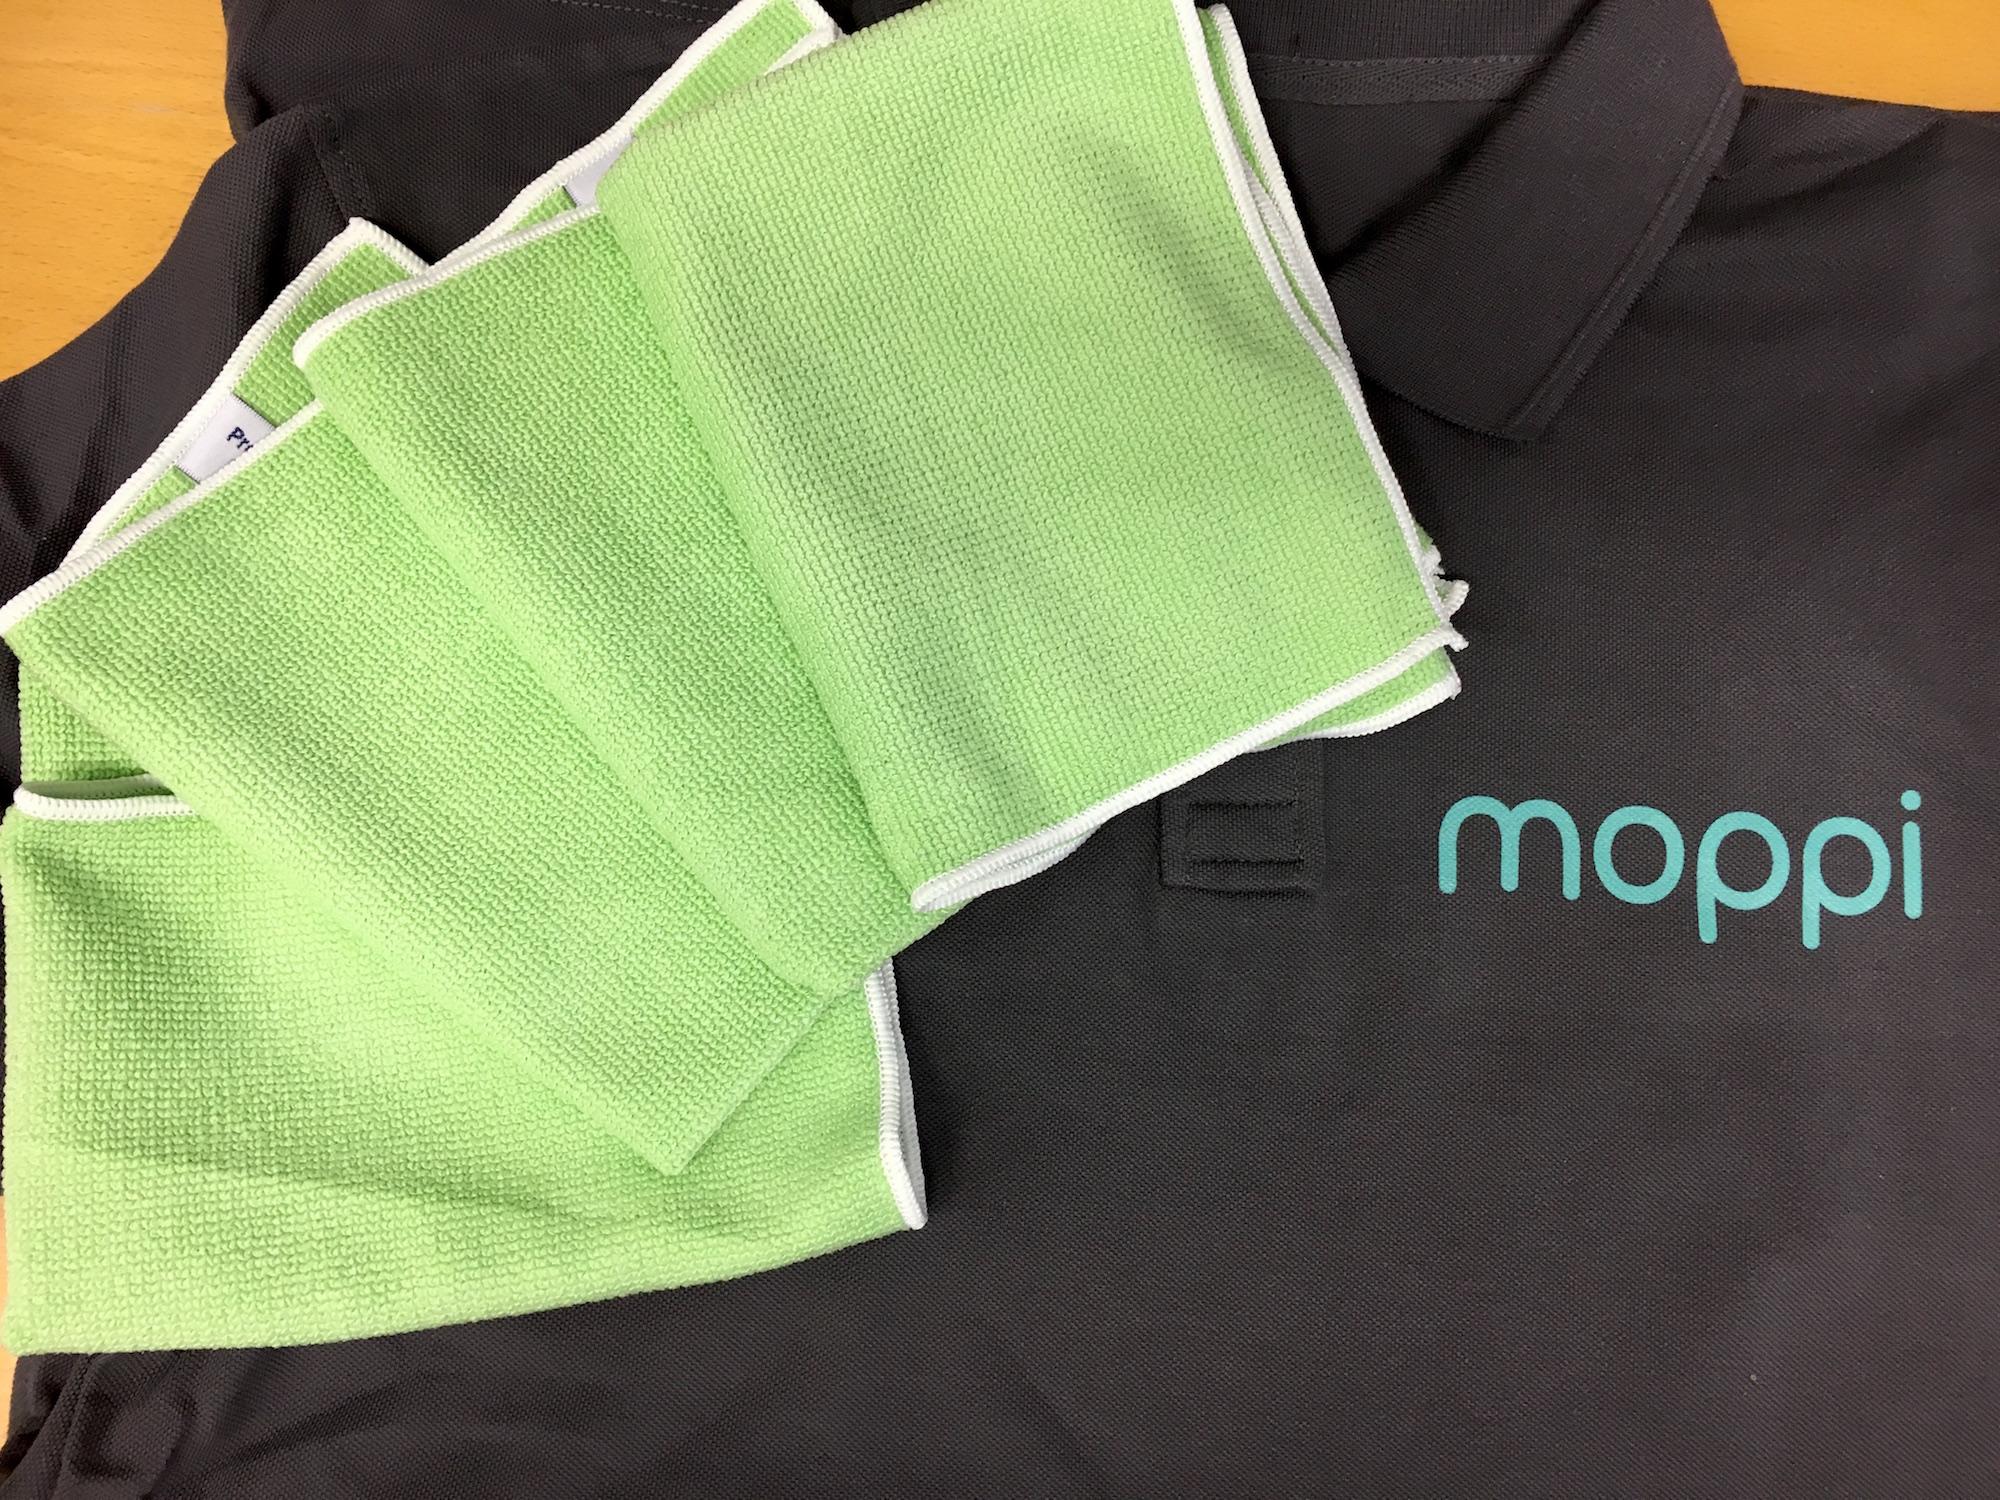 Kotisiivous - Moppi.com siivousvälineet siivouksessa